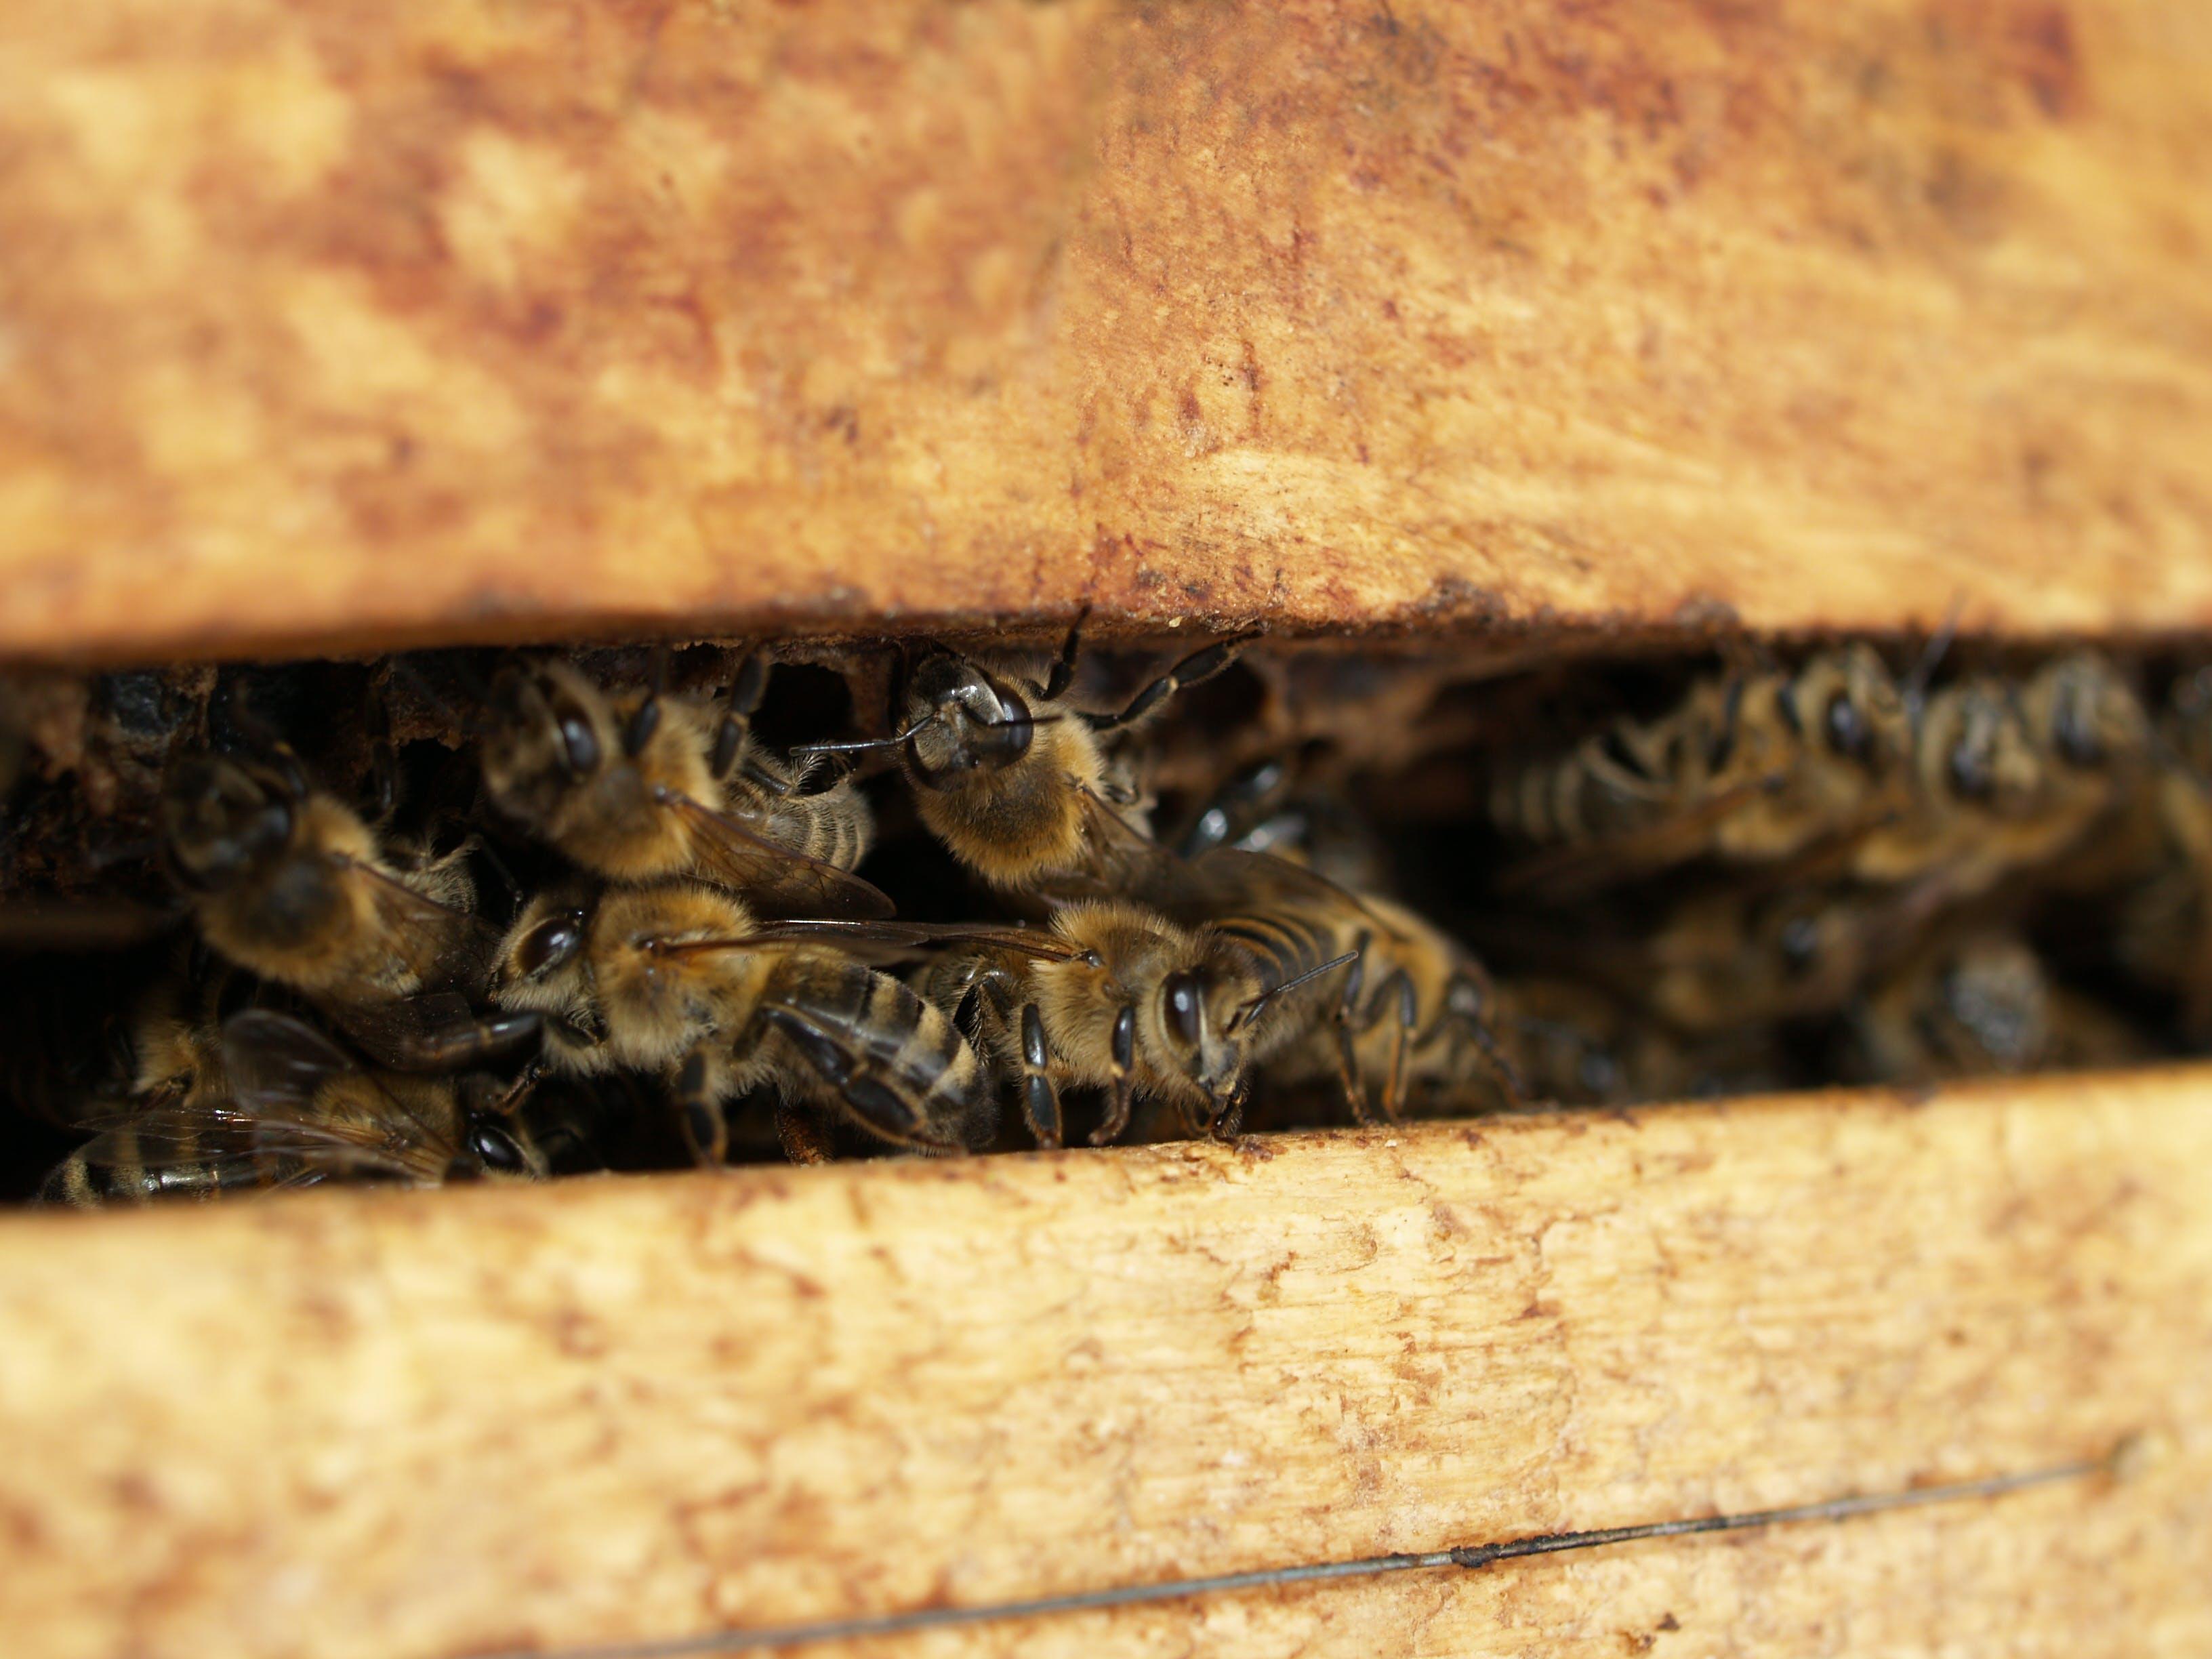 Kostenloses Stock Foto zu biene, bienen, bienenstock, honigbiene